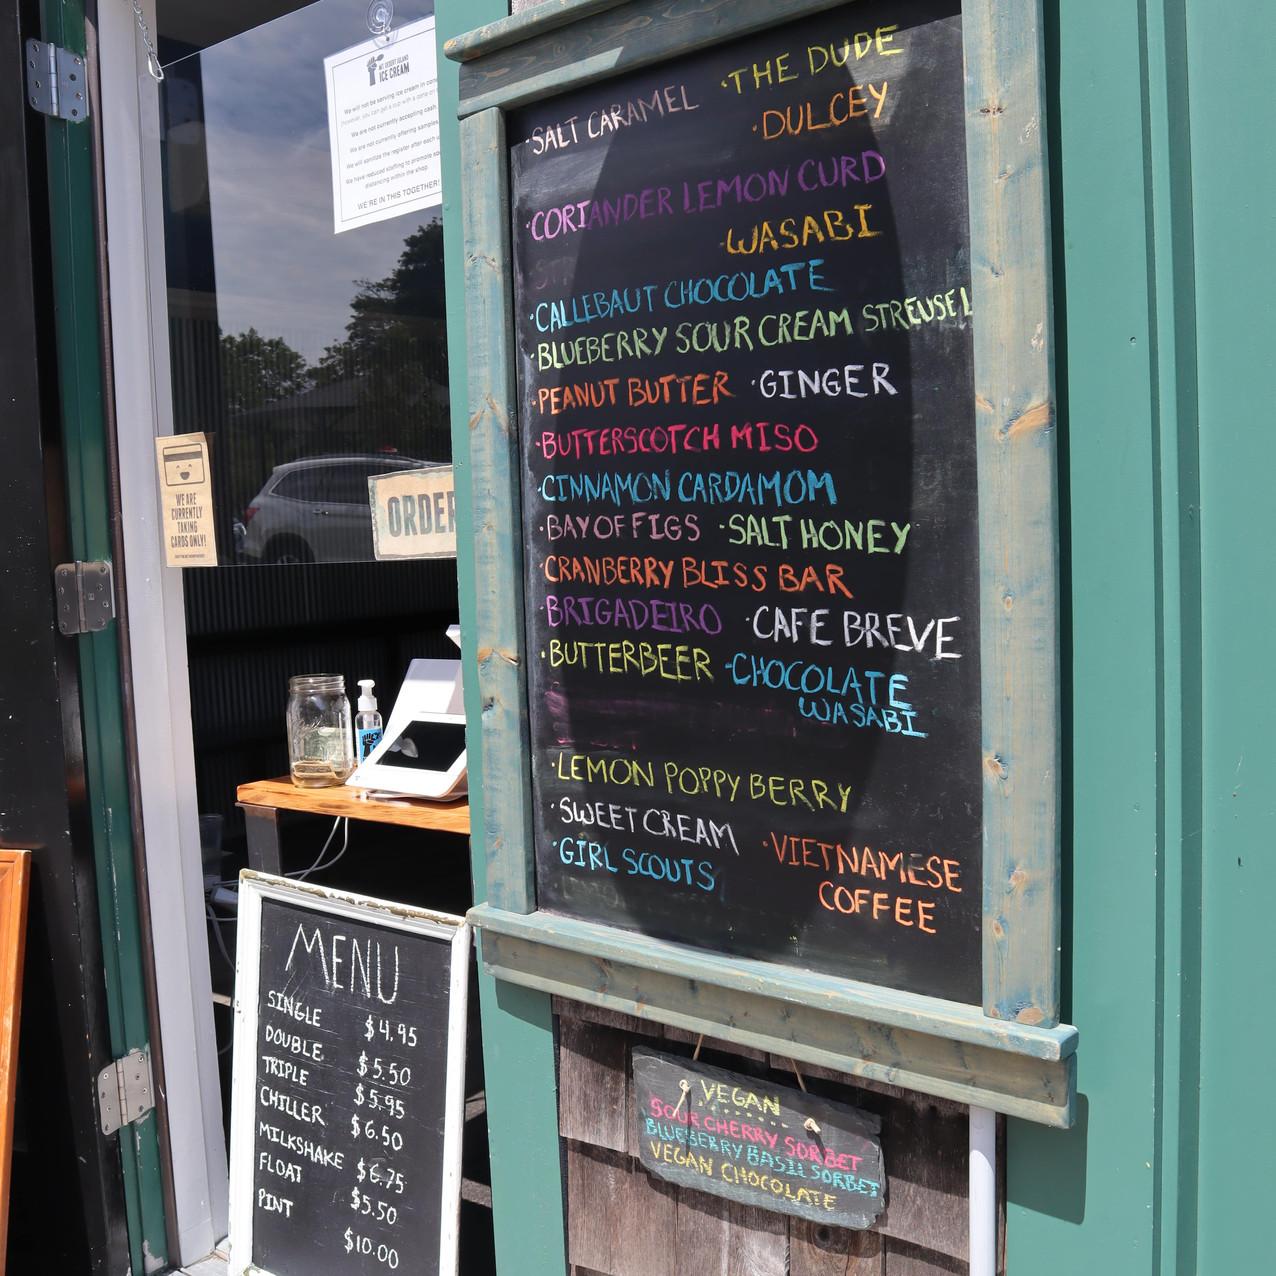 Mt. Desert Island Ice Cream in Bar Harbor, Maine by Biteinerary